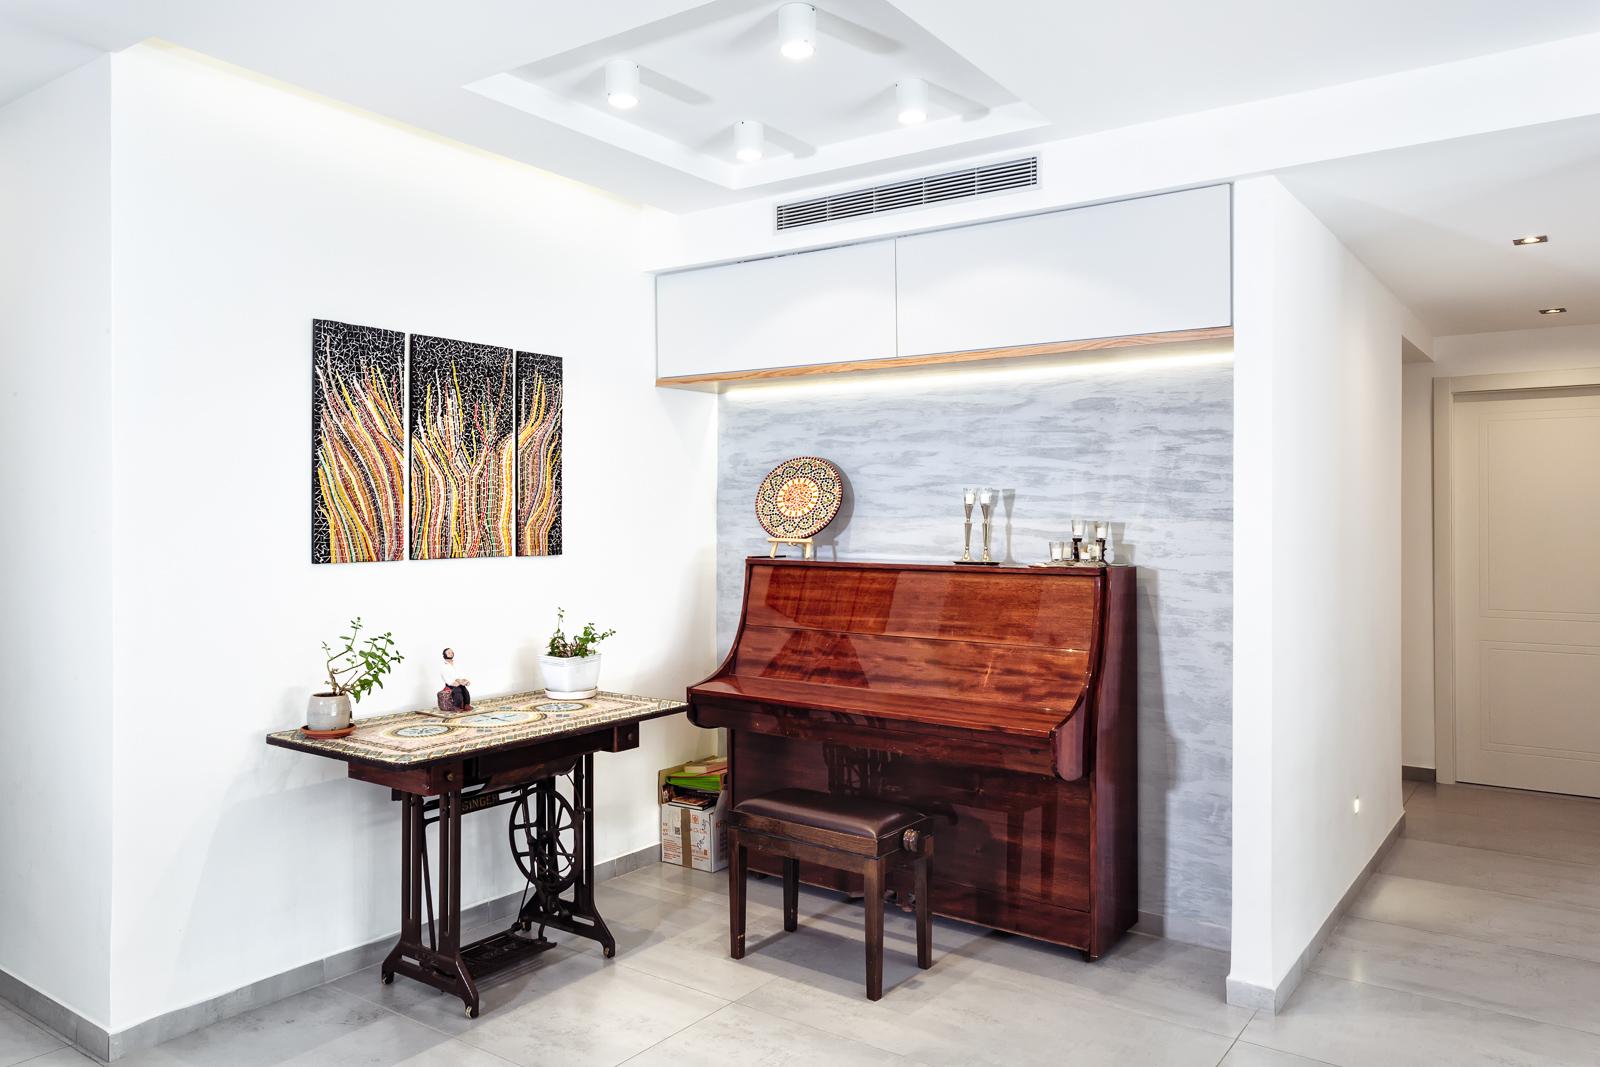 עיצוב בסגנון חם, פינת פסנתר